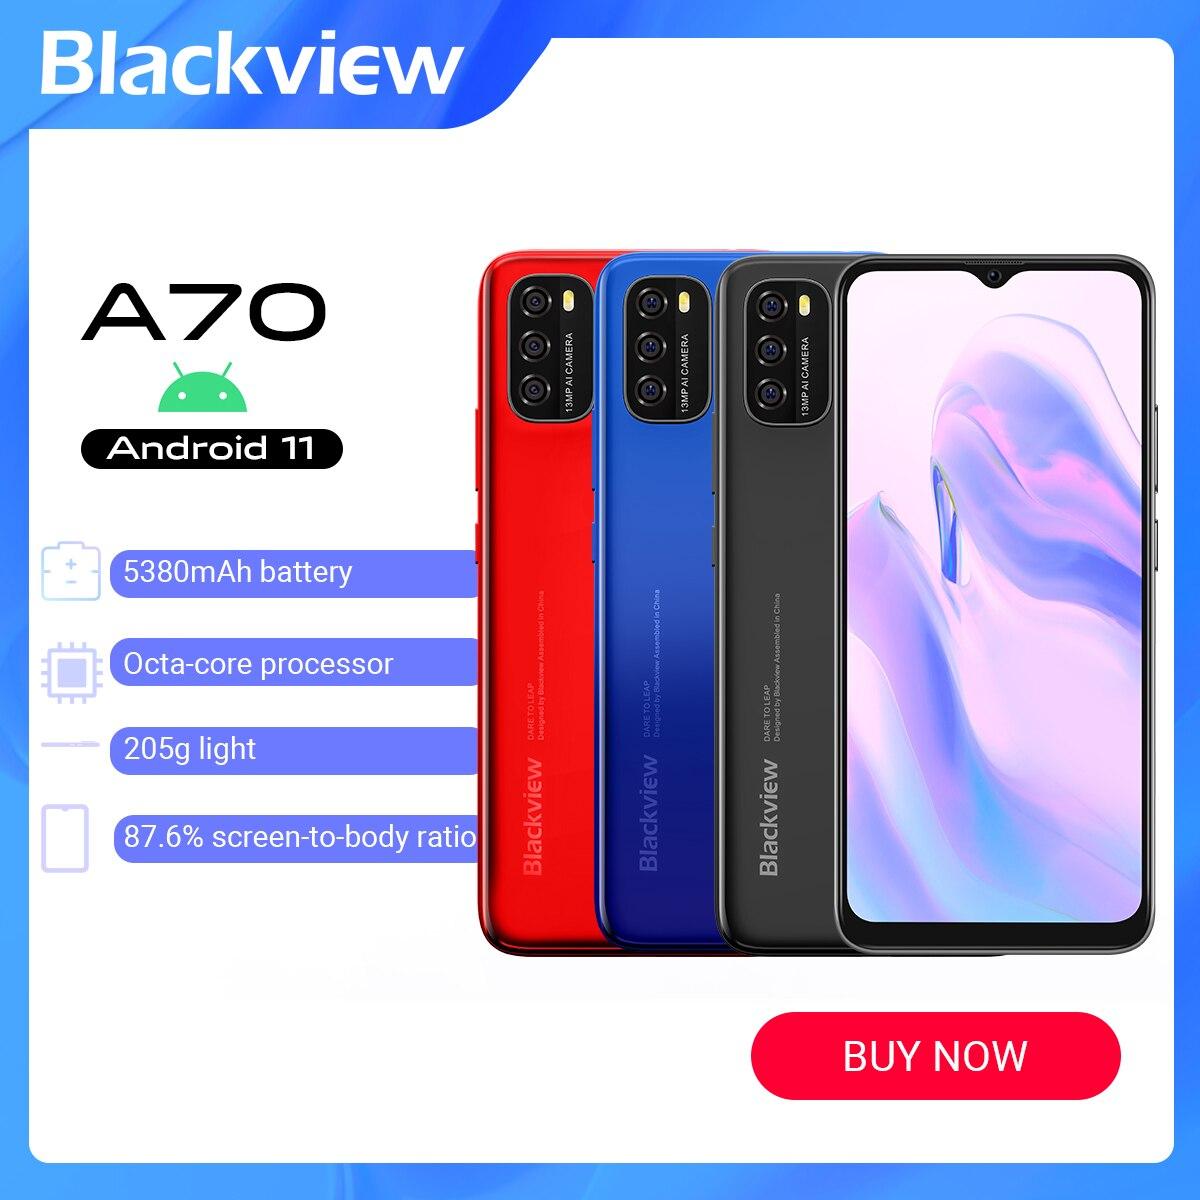 Оригинальный Blackview A70 Android 11 смартфон 6,517 дюймов Дисплей Octa Core, 3 Гб оперативной памяти + 32 ГБ 5380 мА/ч, 13MP Камера Face ID 4G мобильный телефон